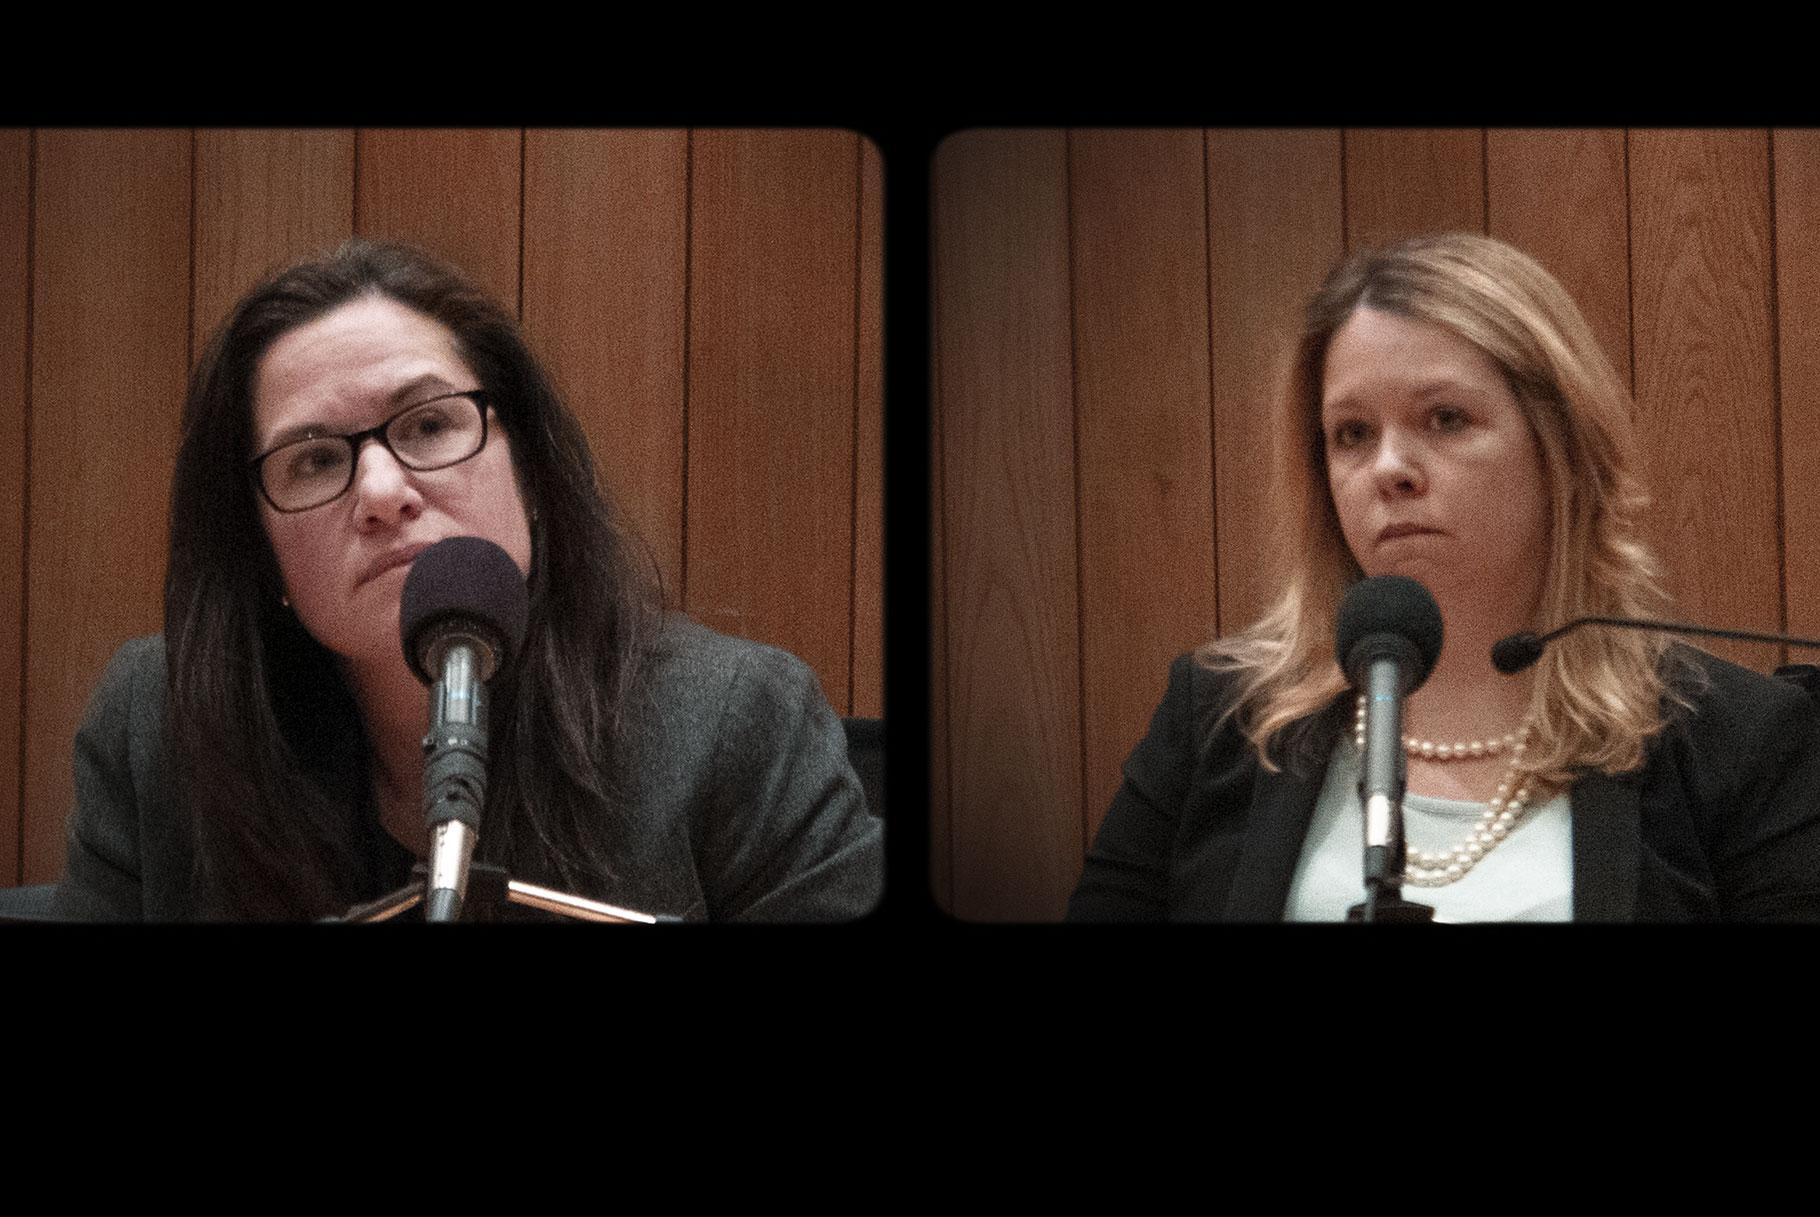 ¿Dónde están ahora los fiscales Kris Foster y Anne Kaczmarek de 'Cómo arreglar un escándalo de drogas'?